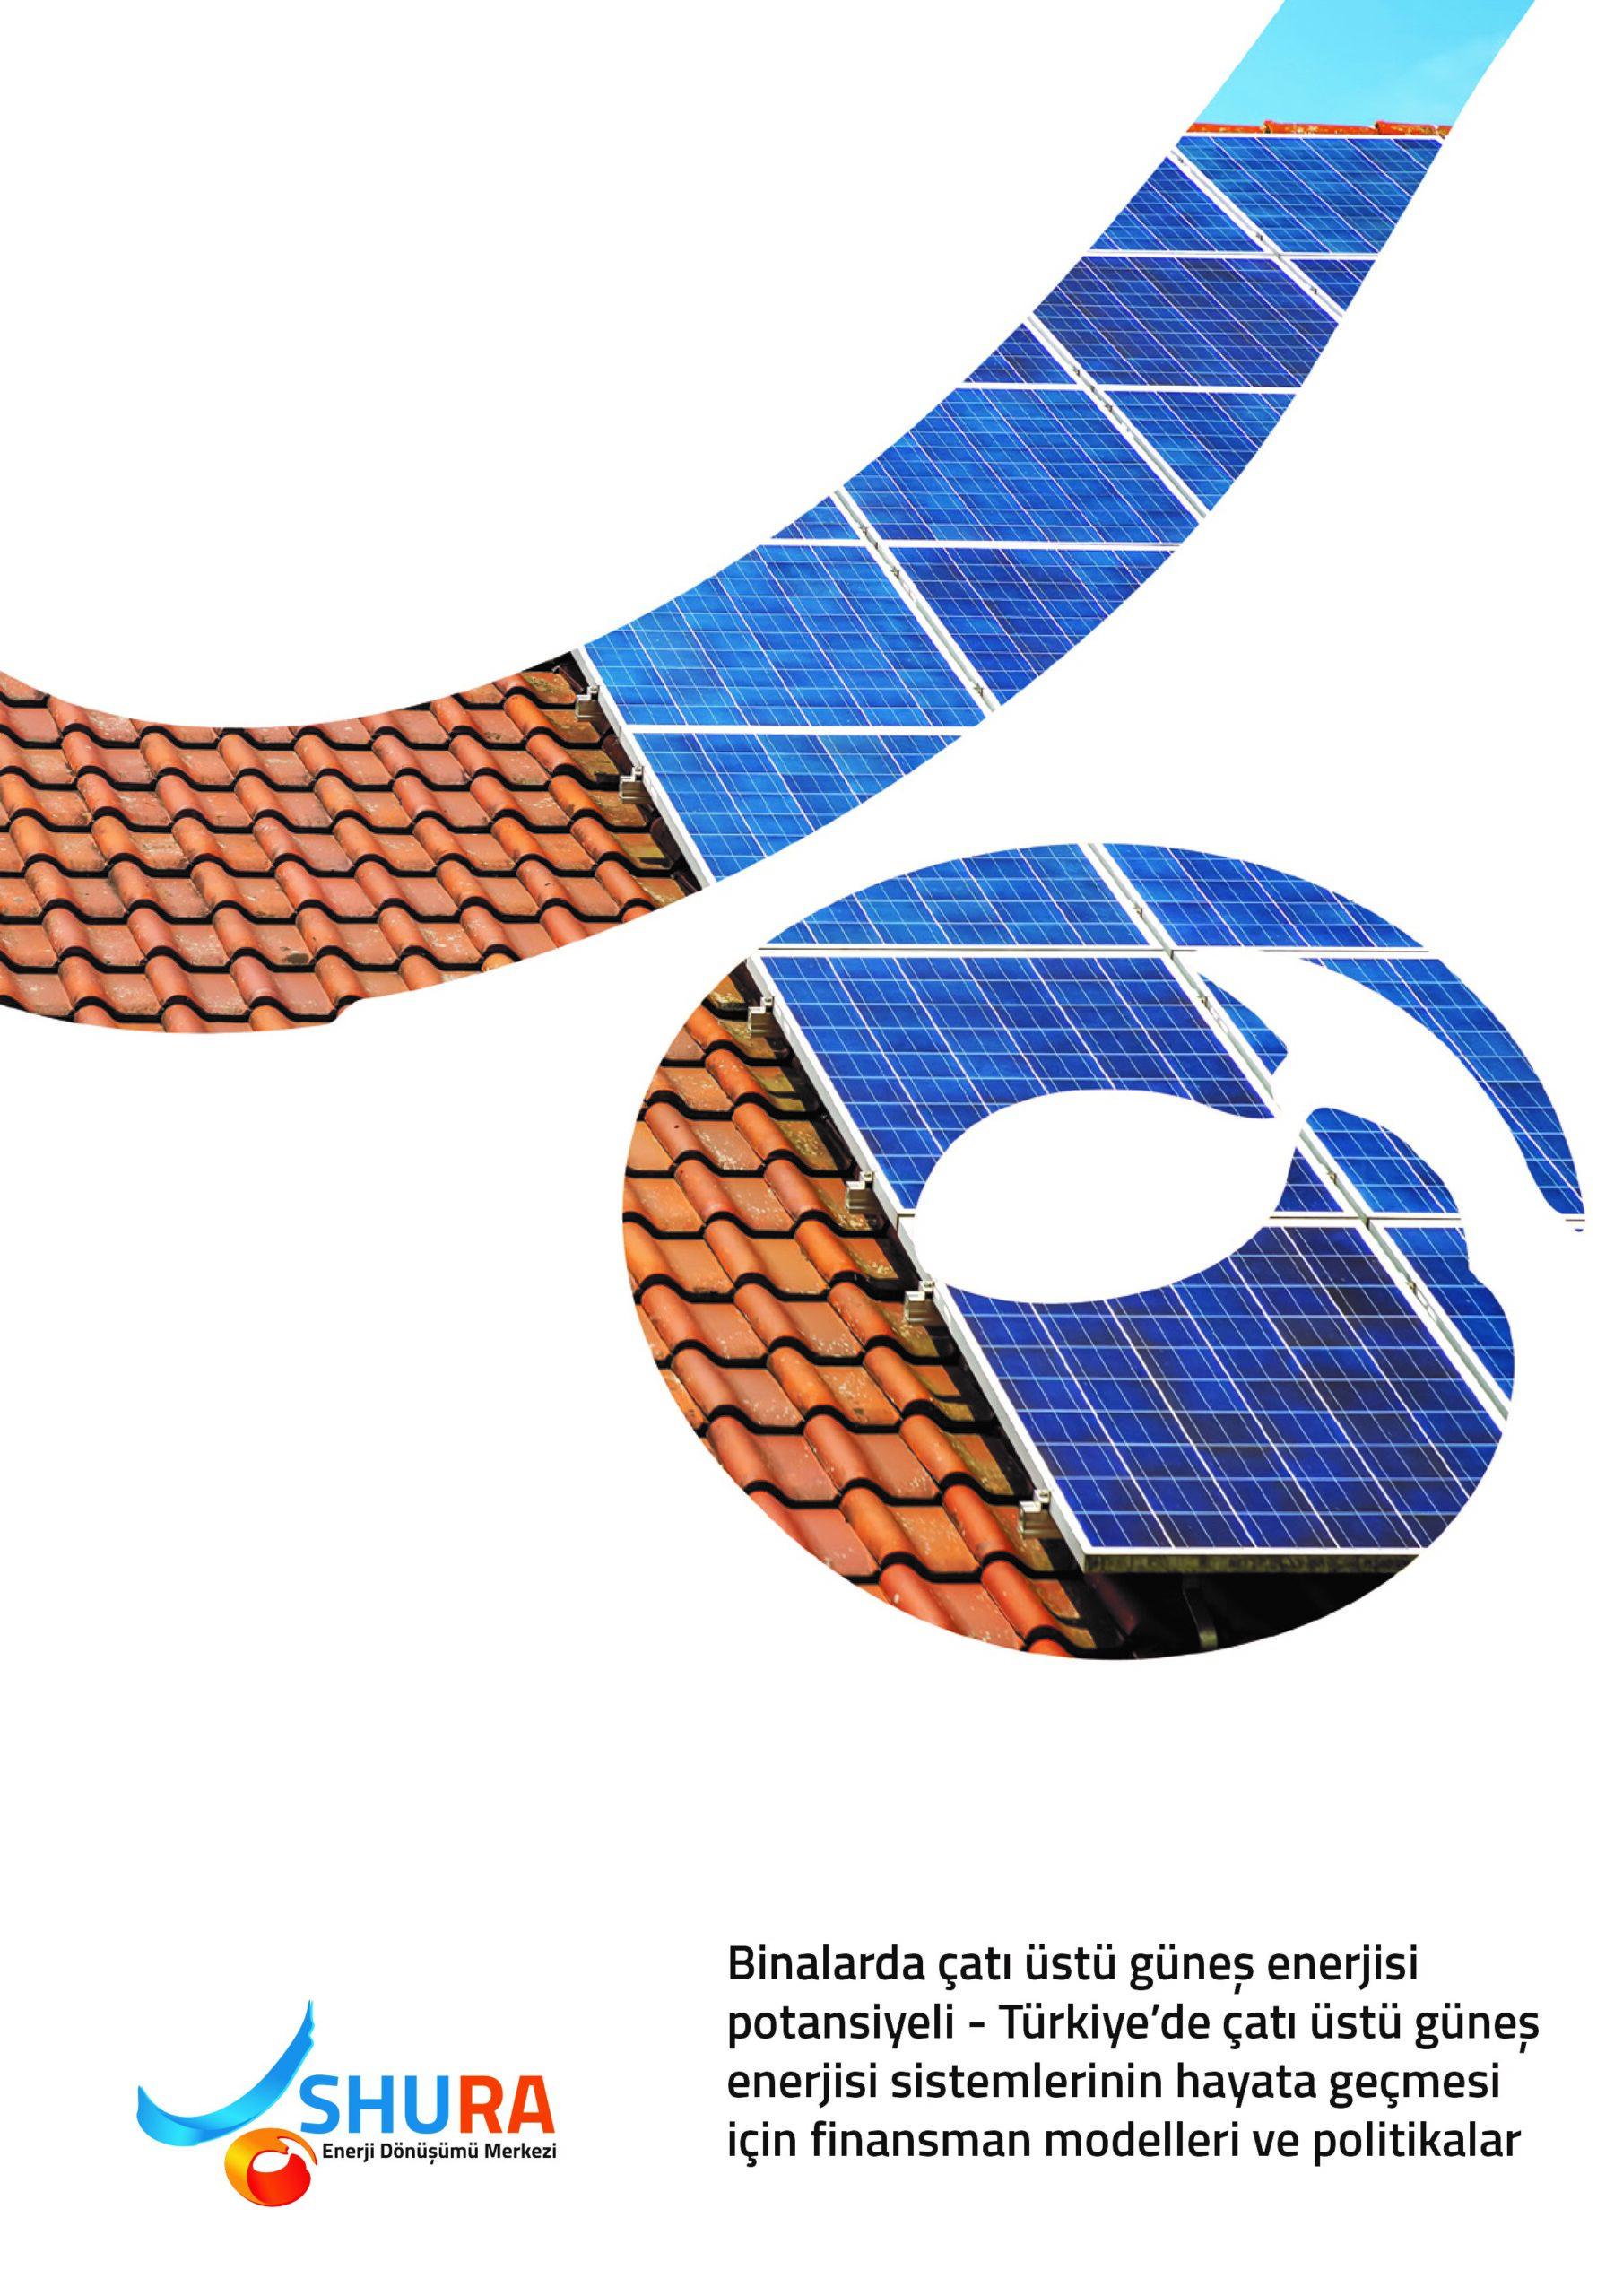 Binalarda Çatı Üstü Güneş Enerjisi Potansiyeli – Türkiye'de Çatı Üstü Güneş Enerjisi Sistemlerinin Hayata Geçmesi için Finansman Modelleri ve Politikalar